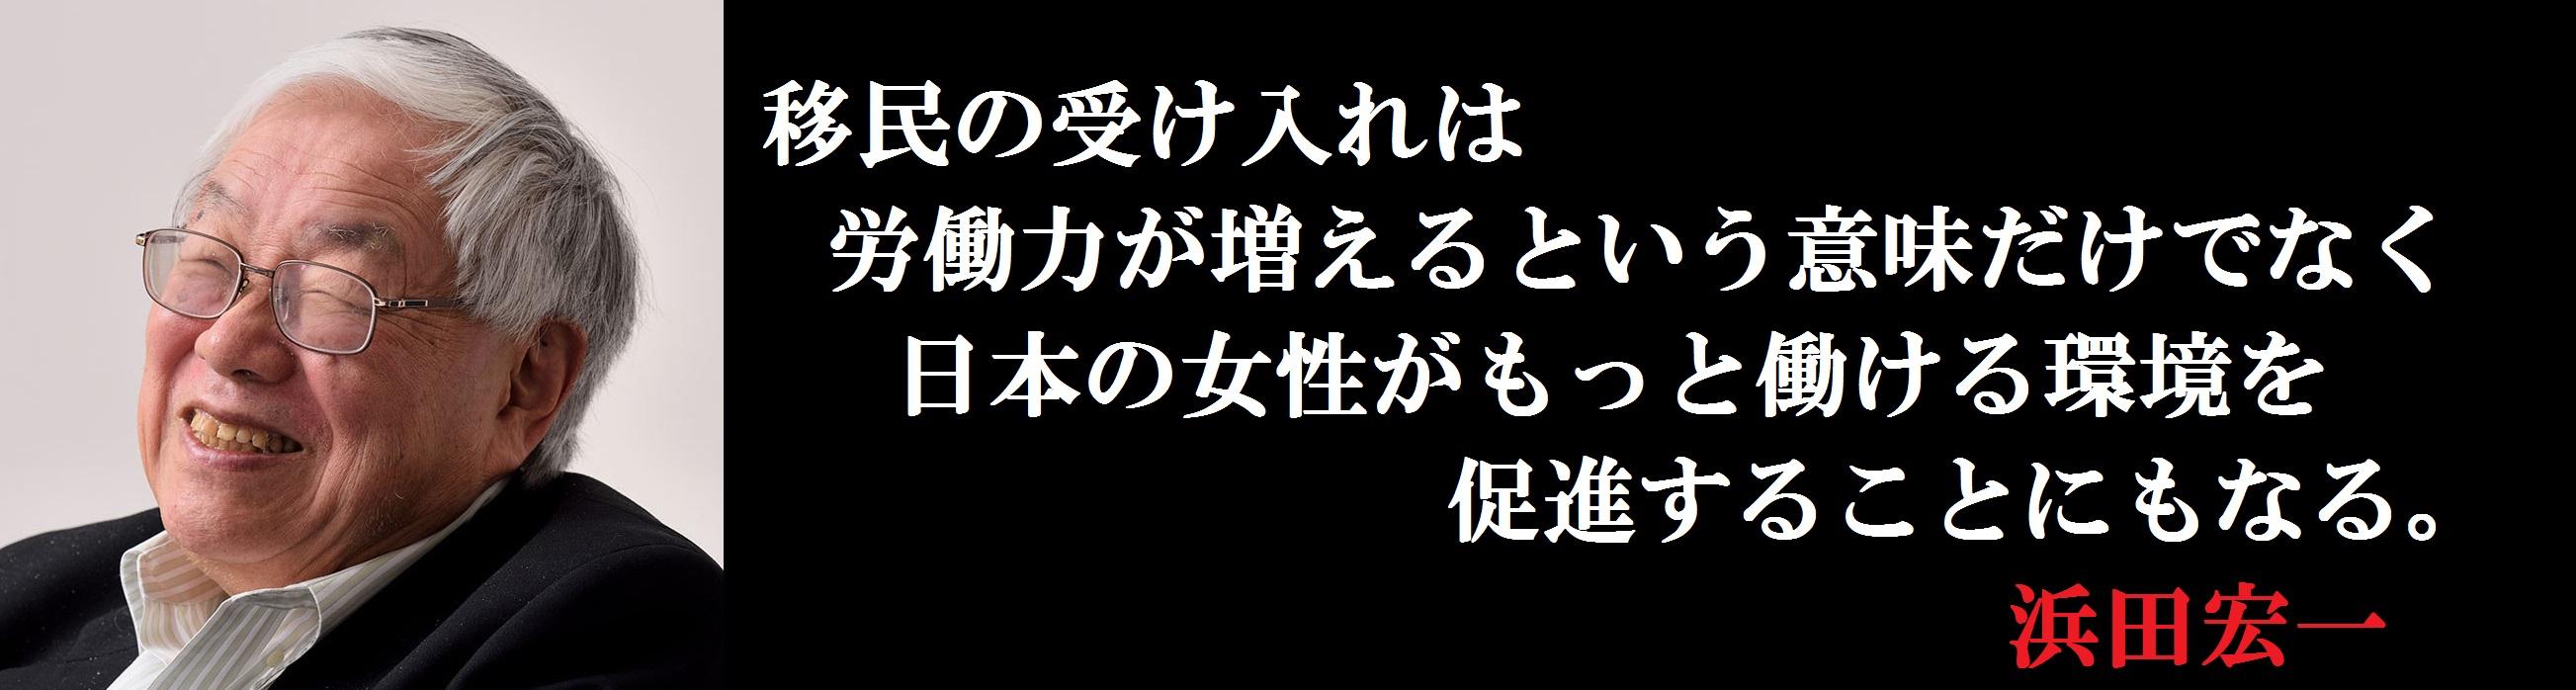 f:id:JAPbuster:20160911133409j:plain